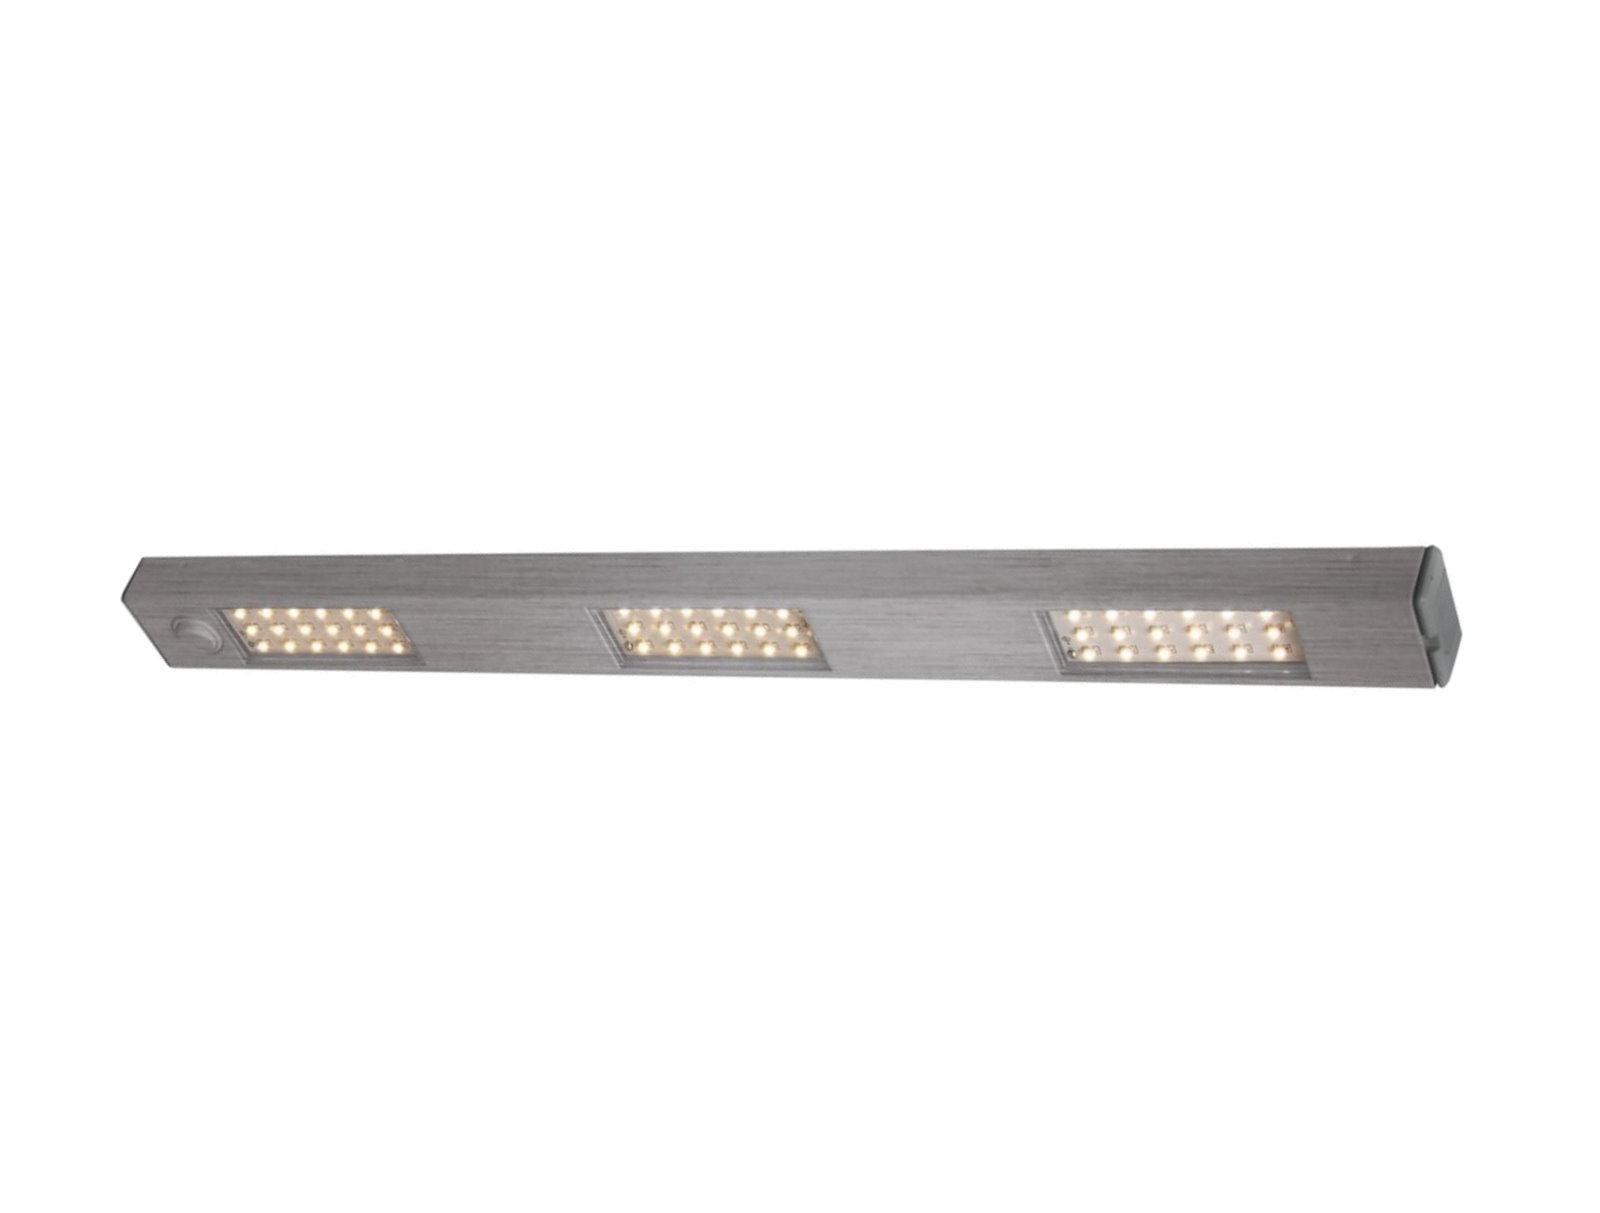 smd unterbauleuchte alu anbauleuchte leuchte unterbau anbau 230v lichtleiste ebay. Black Bedroom Furniture Sets. Home Design Ideas